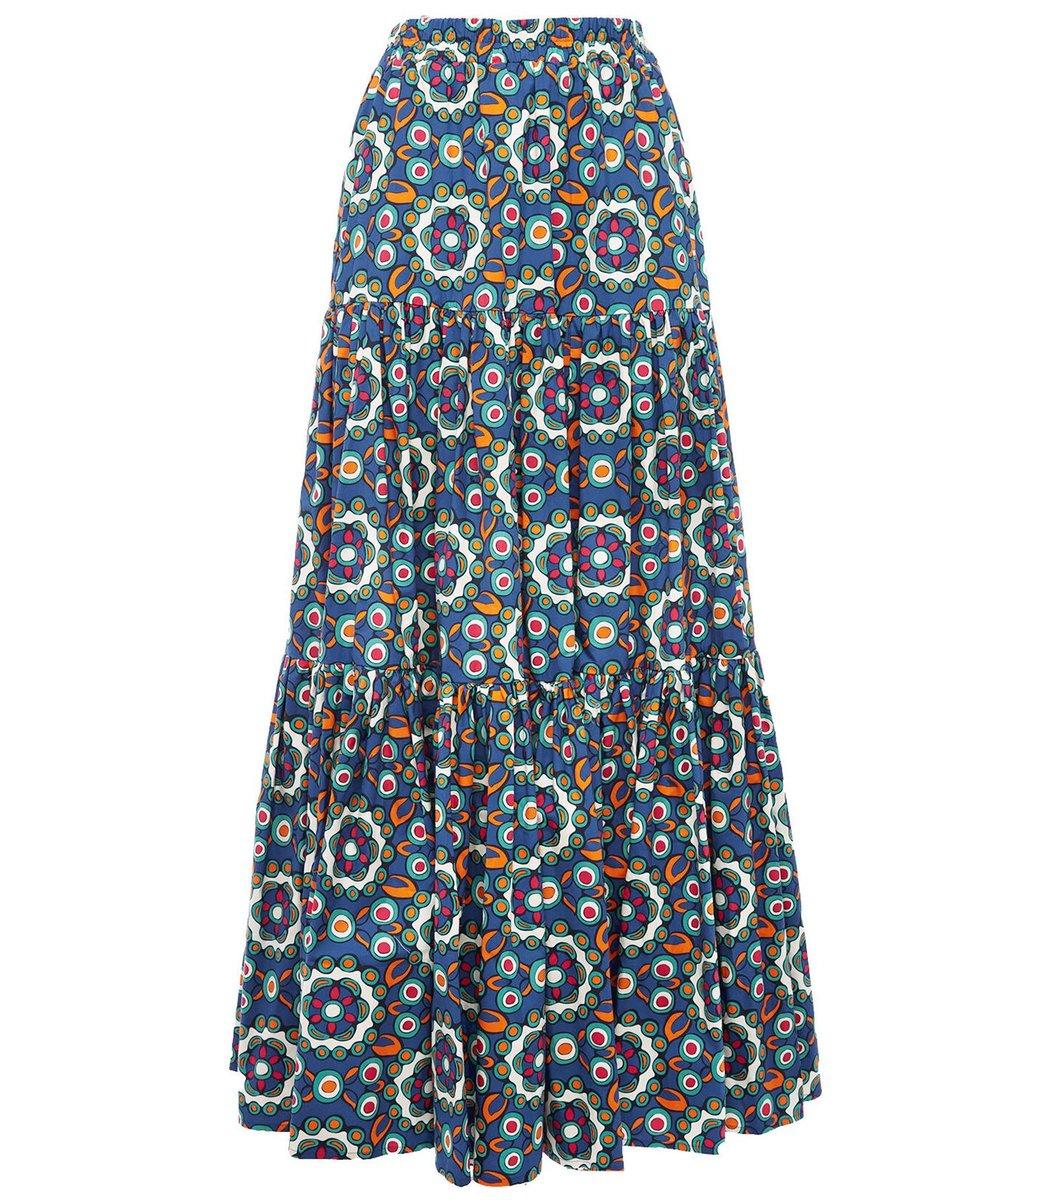 La Doublej Big Skirt in Kaleidoscope Bluette